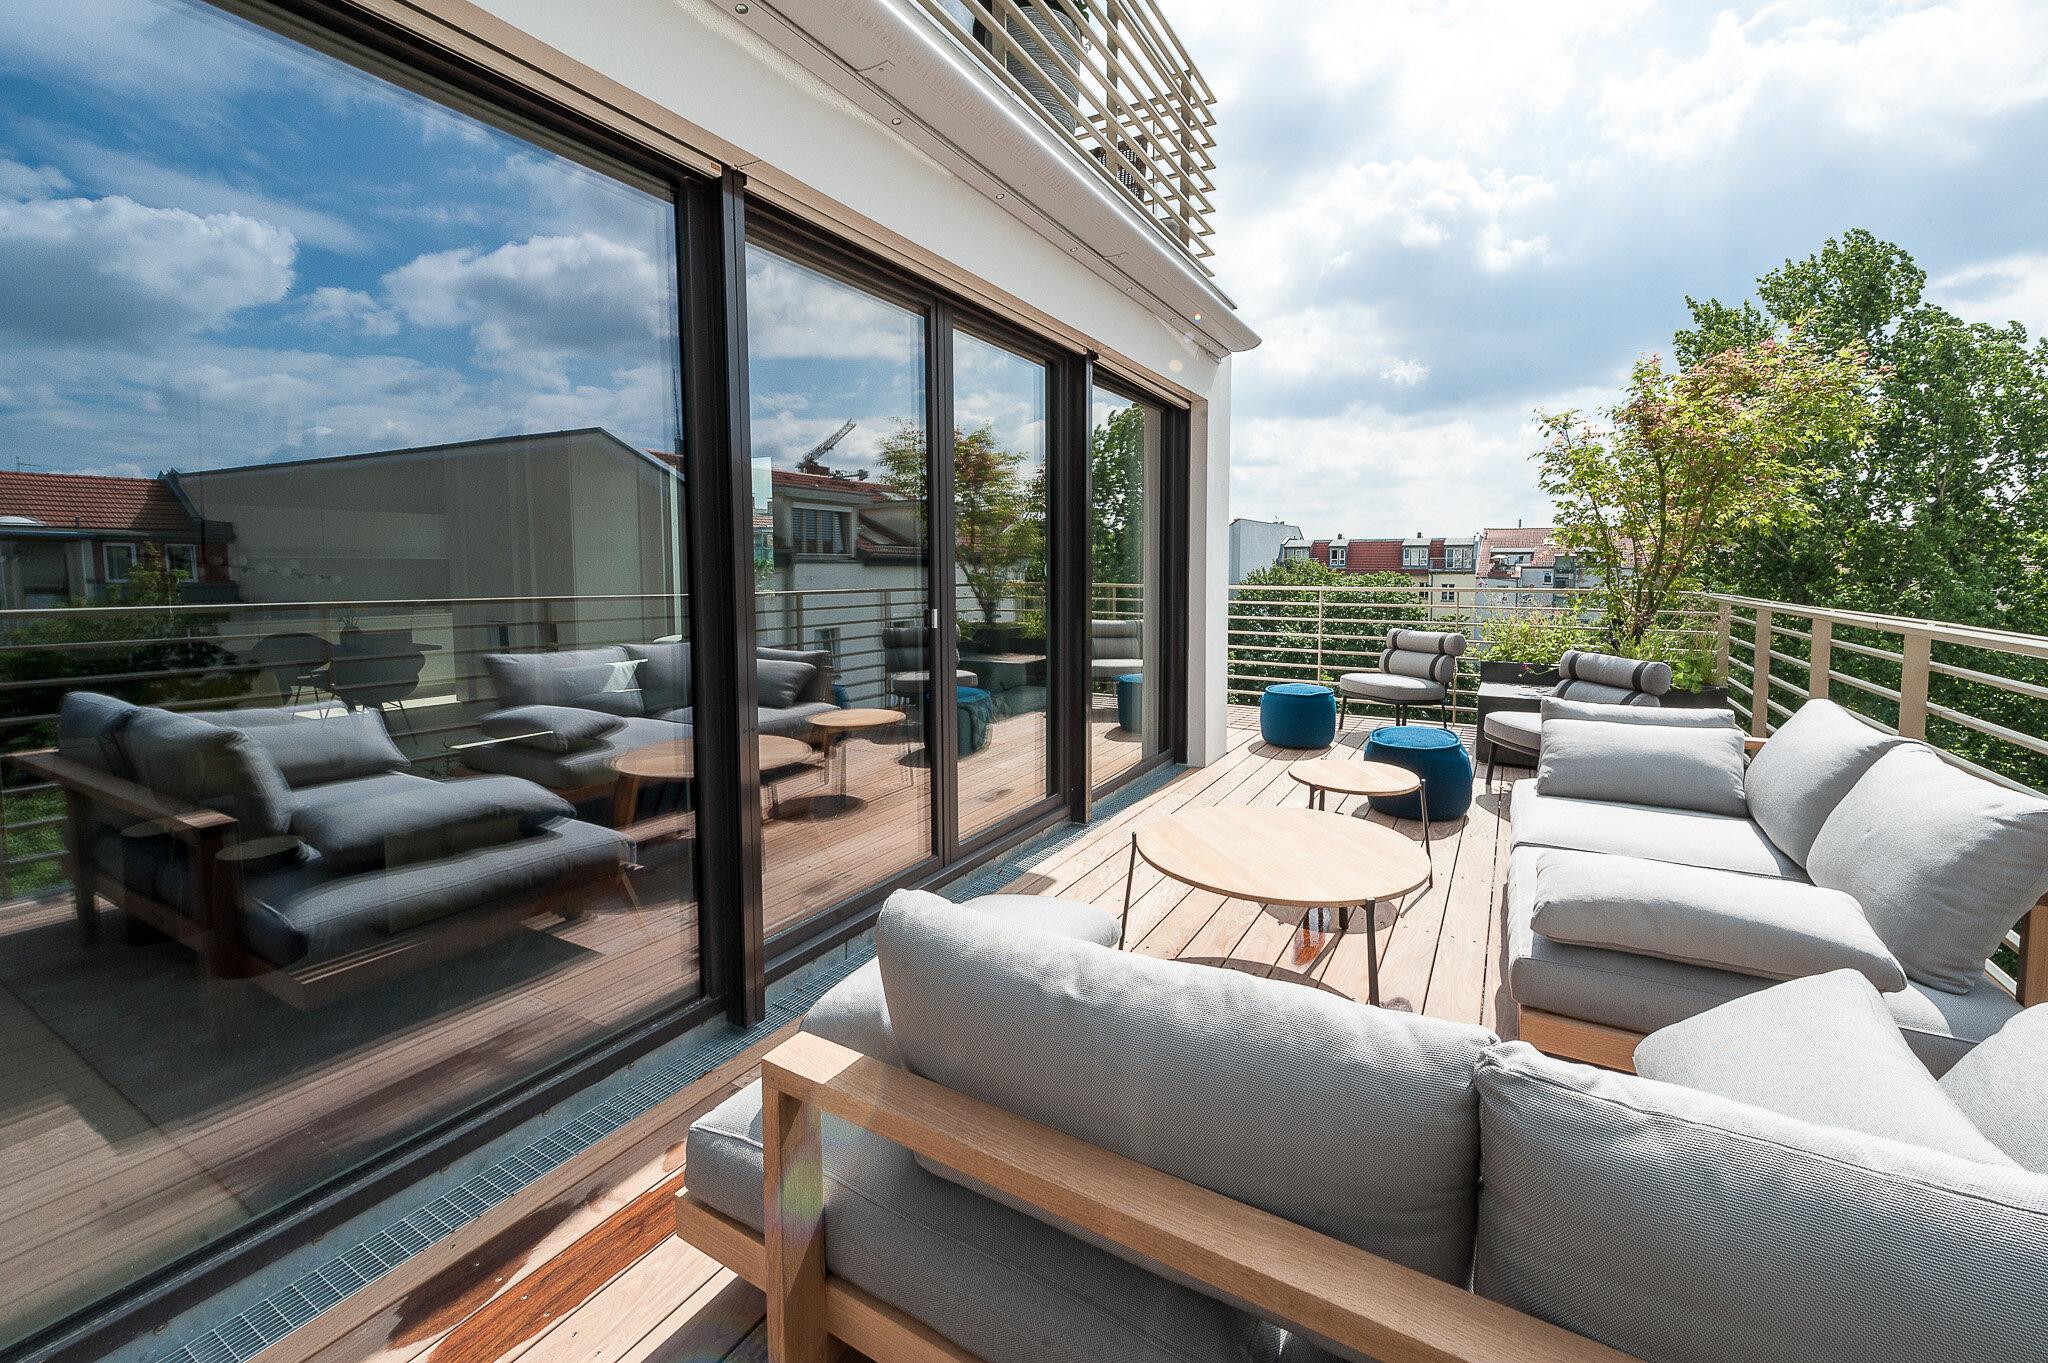 Balkon eines Luxusapartments im Sonnenschein mit Sitzmöbeln und